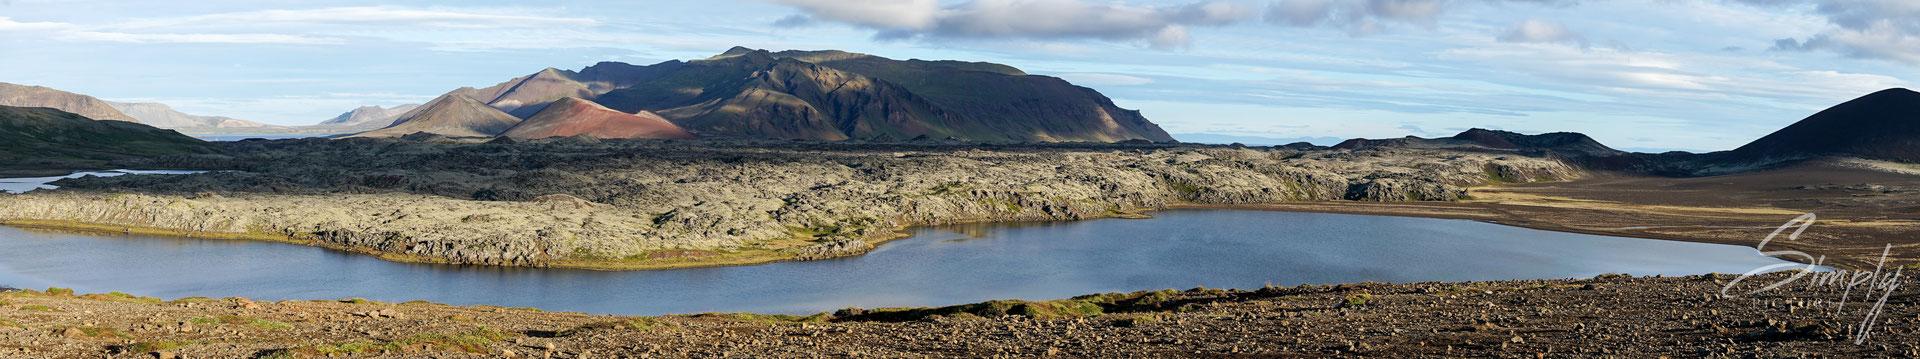 Lavafeld mit kleinem See und Überwucherungen in der Gegend von Vesturland.